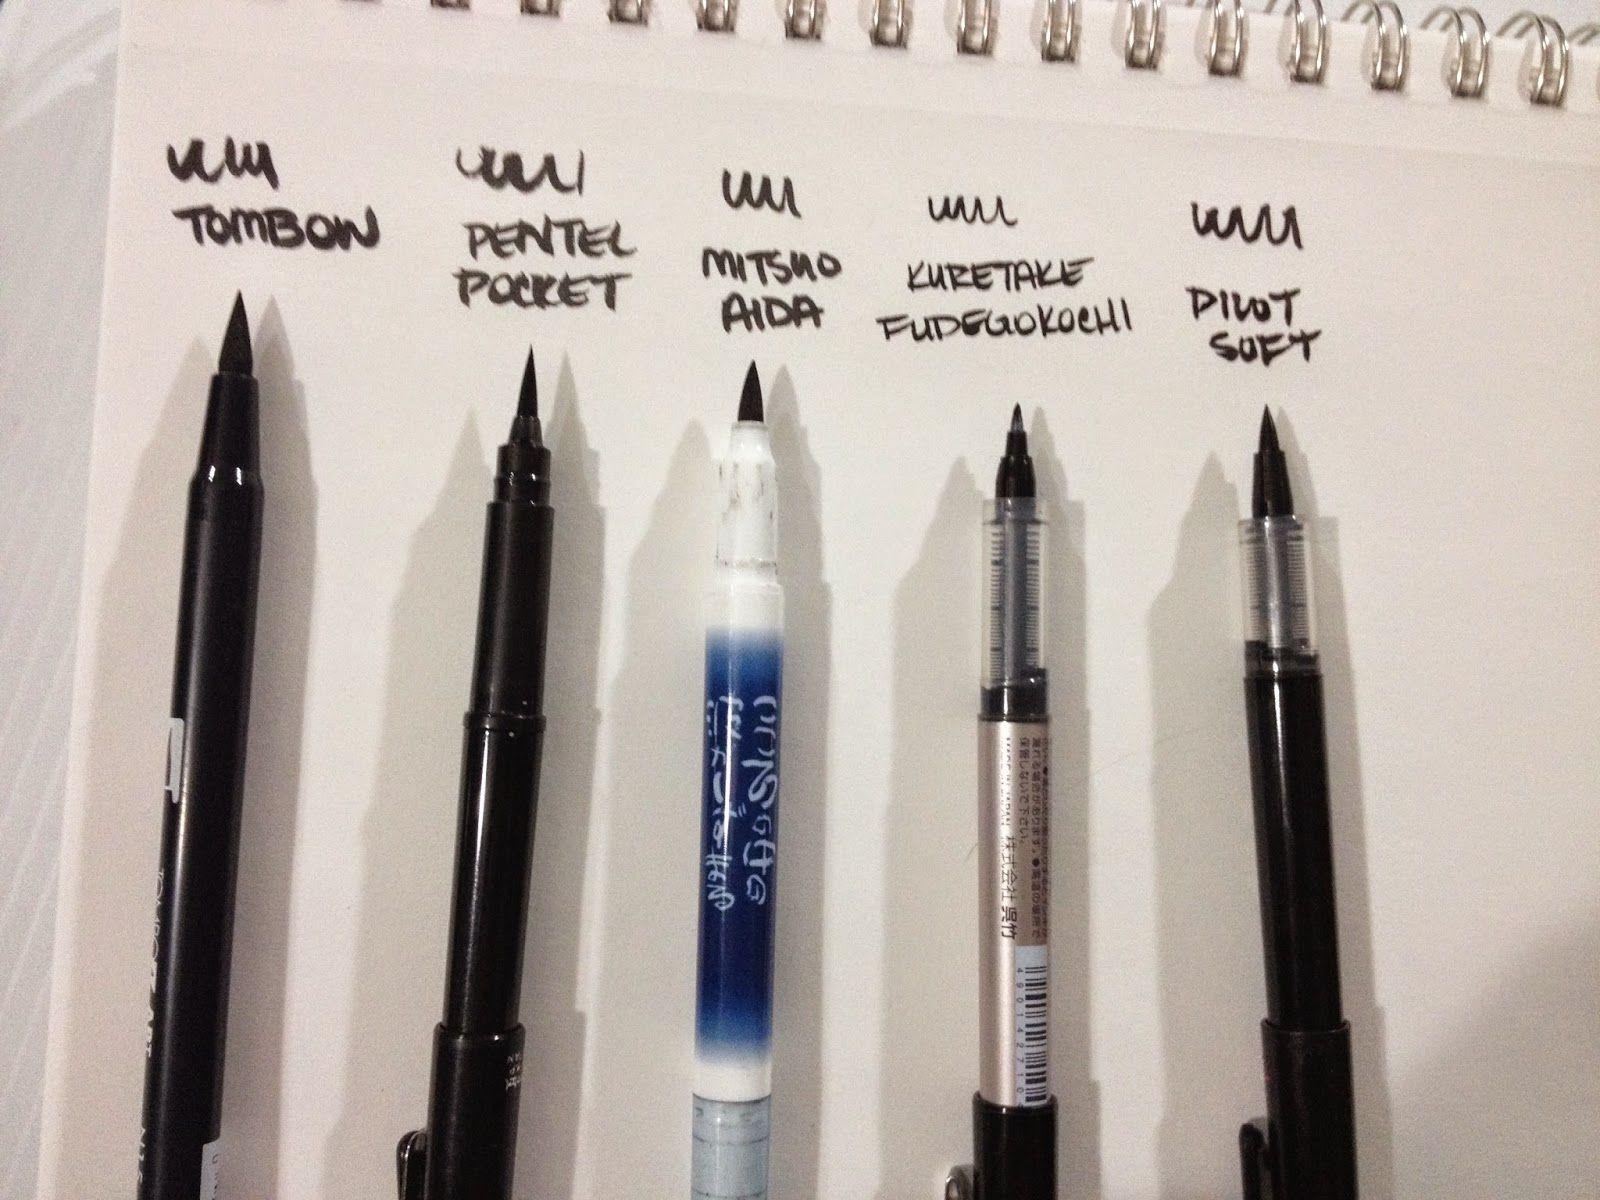 Pentel brush pen review julia bausenhardt illustration design